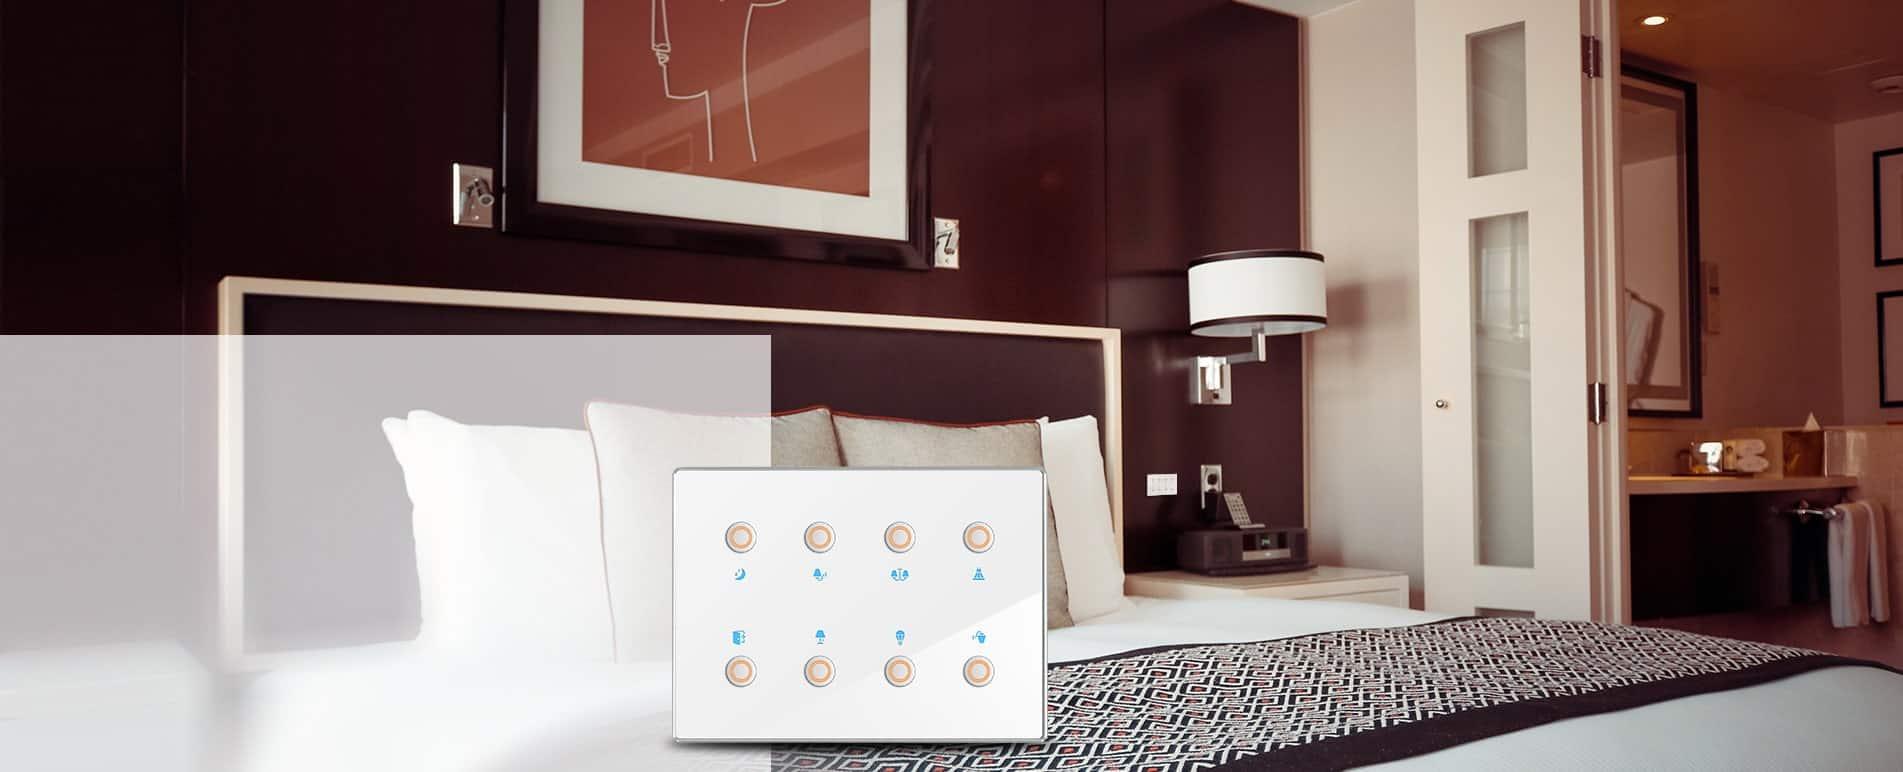 bảng điều khiển đầu giường